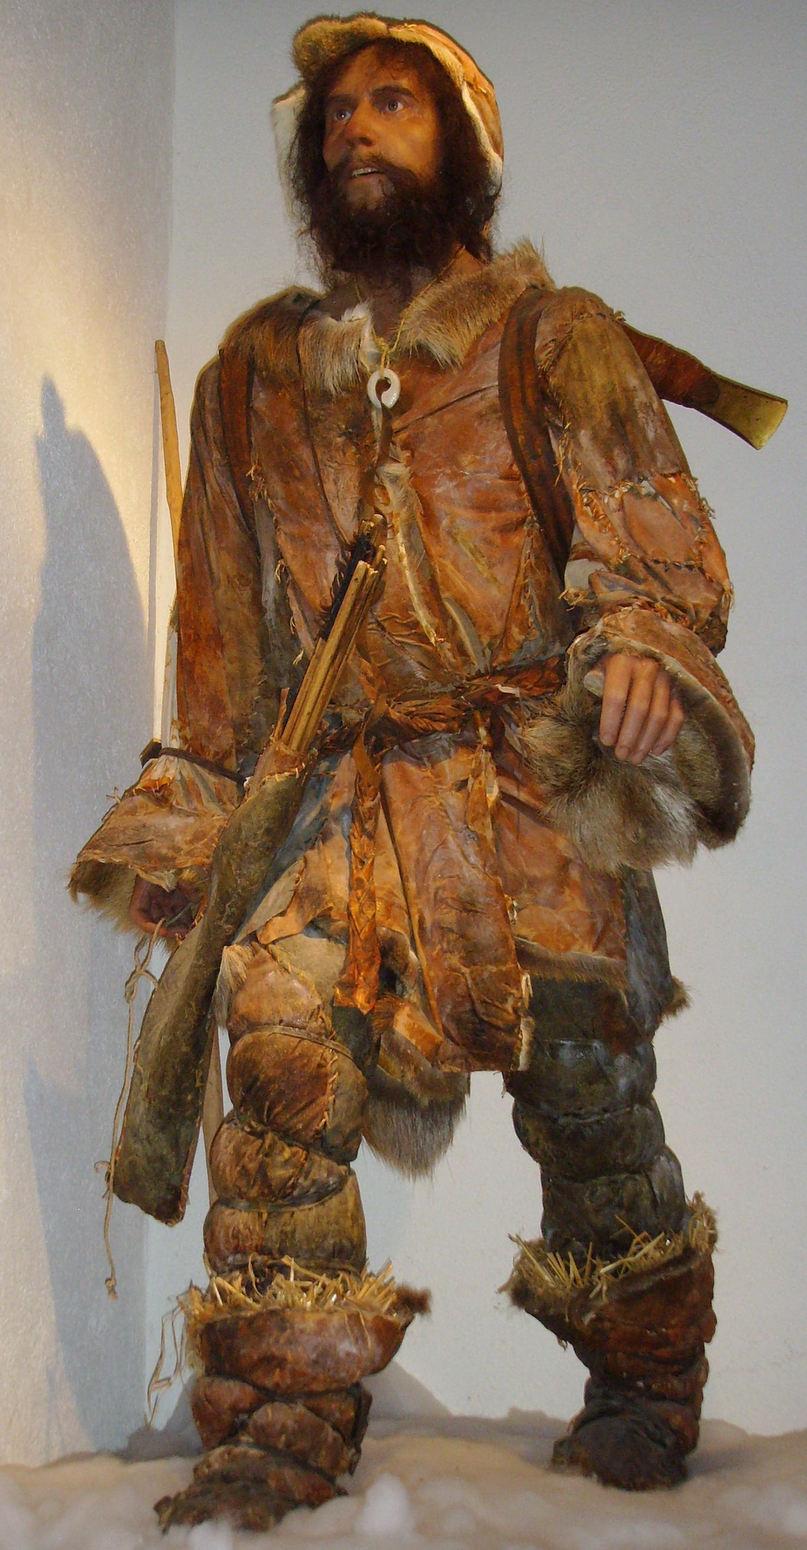 Caveman Artefacts : Ötzi the iceman and ten essentials « wintercampers